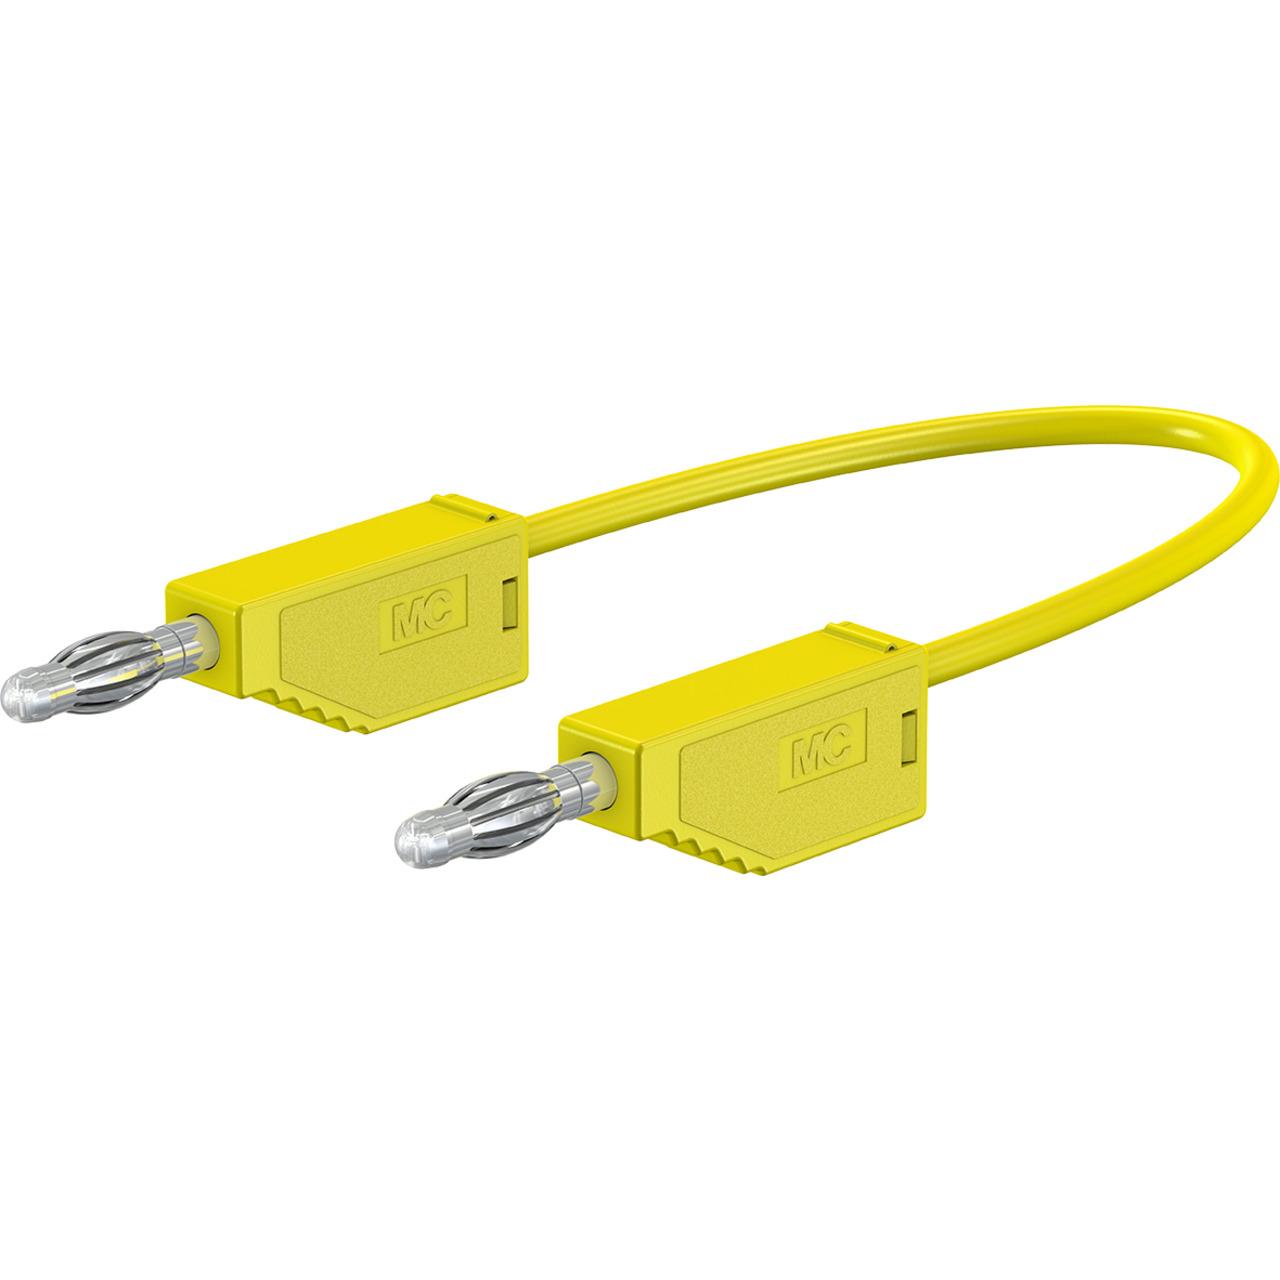 Silikon-Verbindungsleitungen LK425-A-SIL 4 mm- 30A- 0-5m- gelb